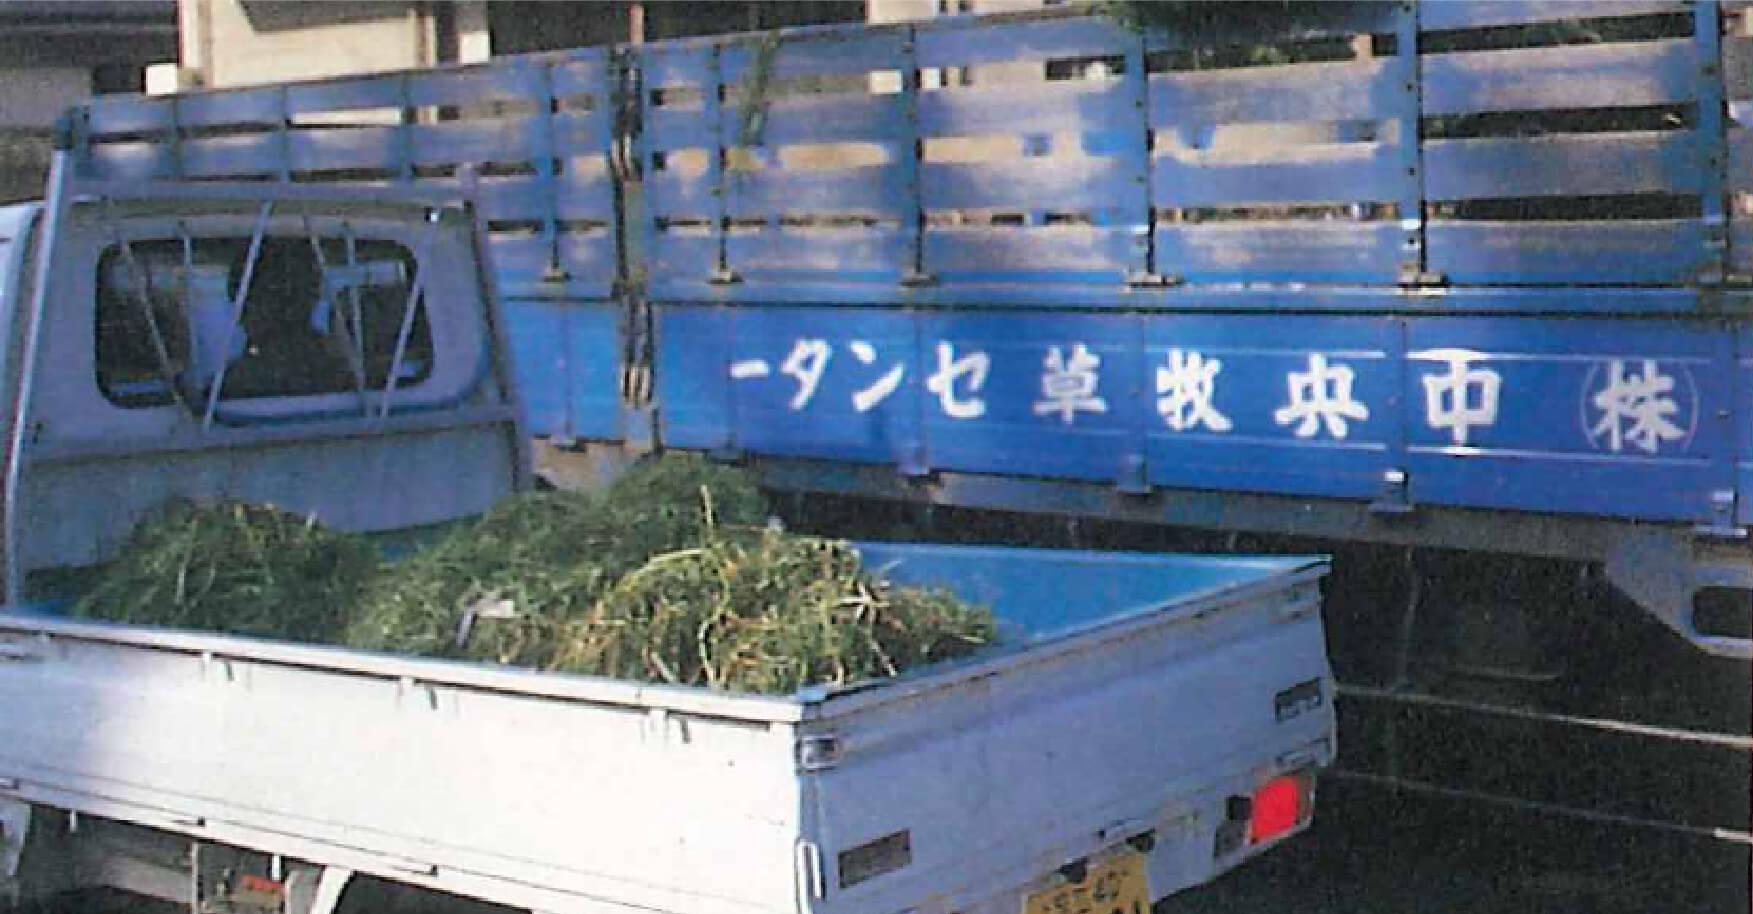 中央牧草センターが生牧草を生産する理由